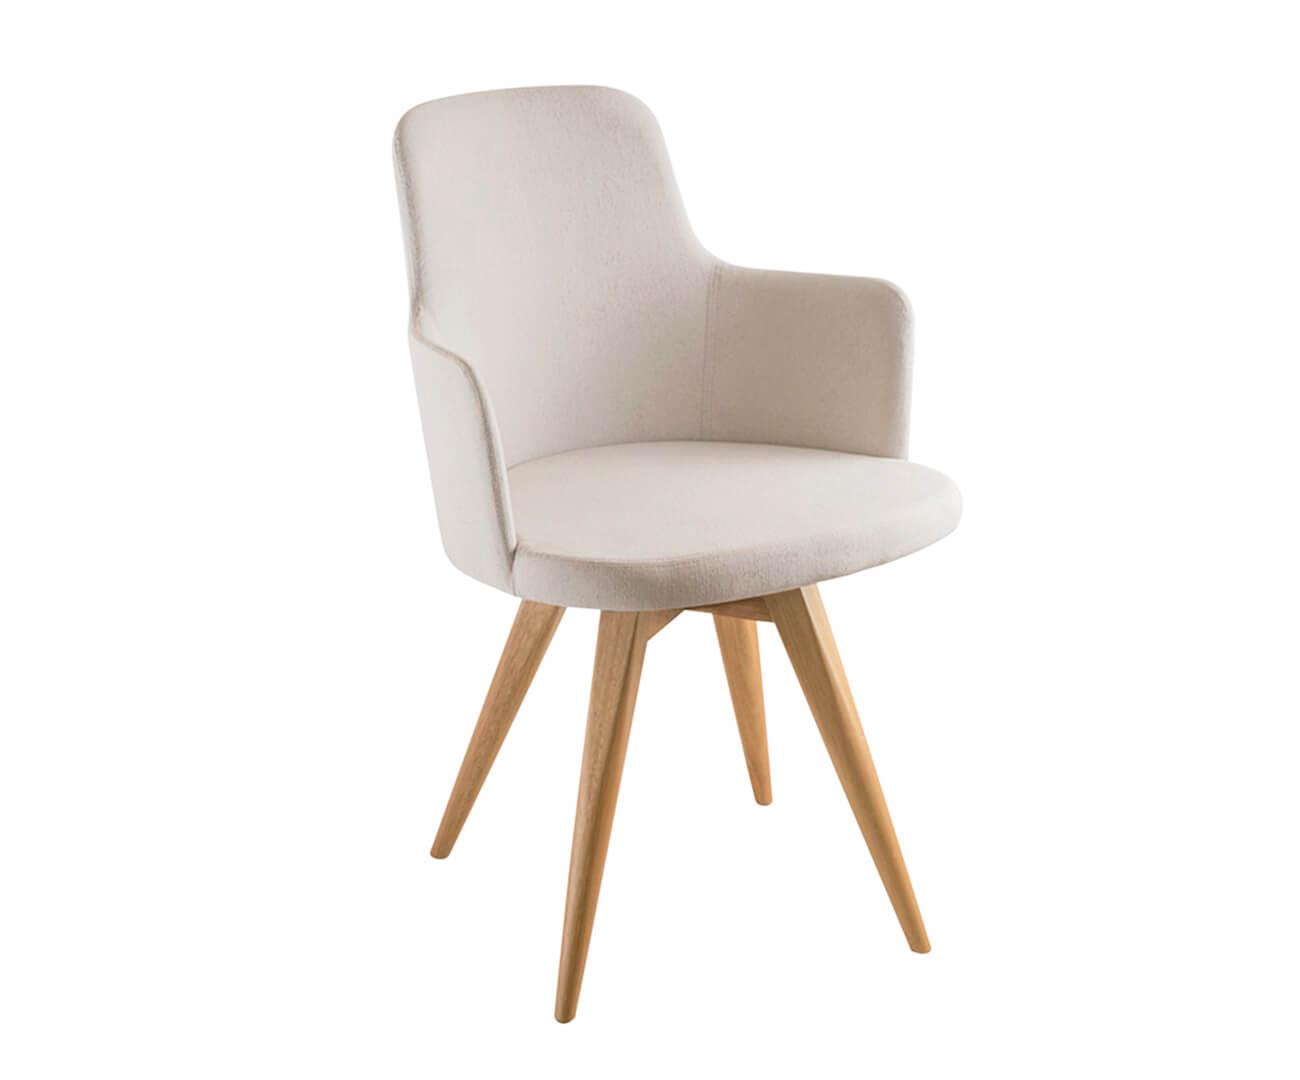 cadeira giratória base madeira hanover (tecido) 1054